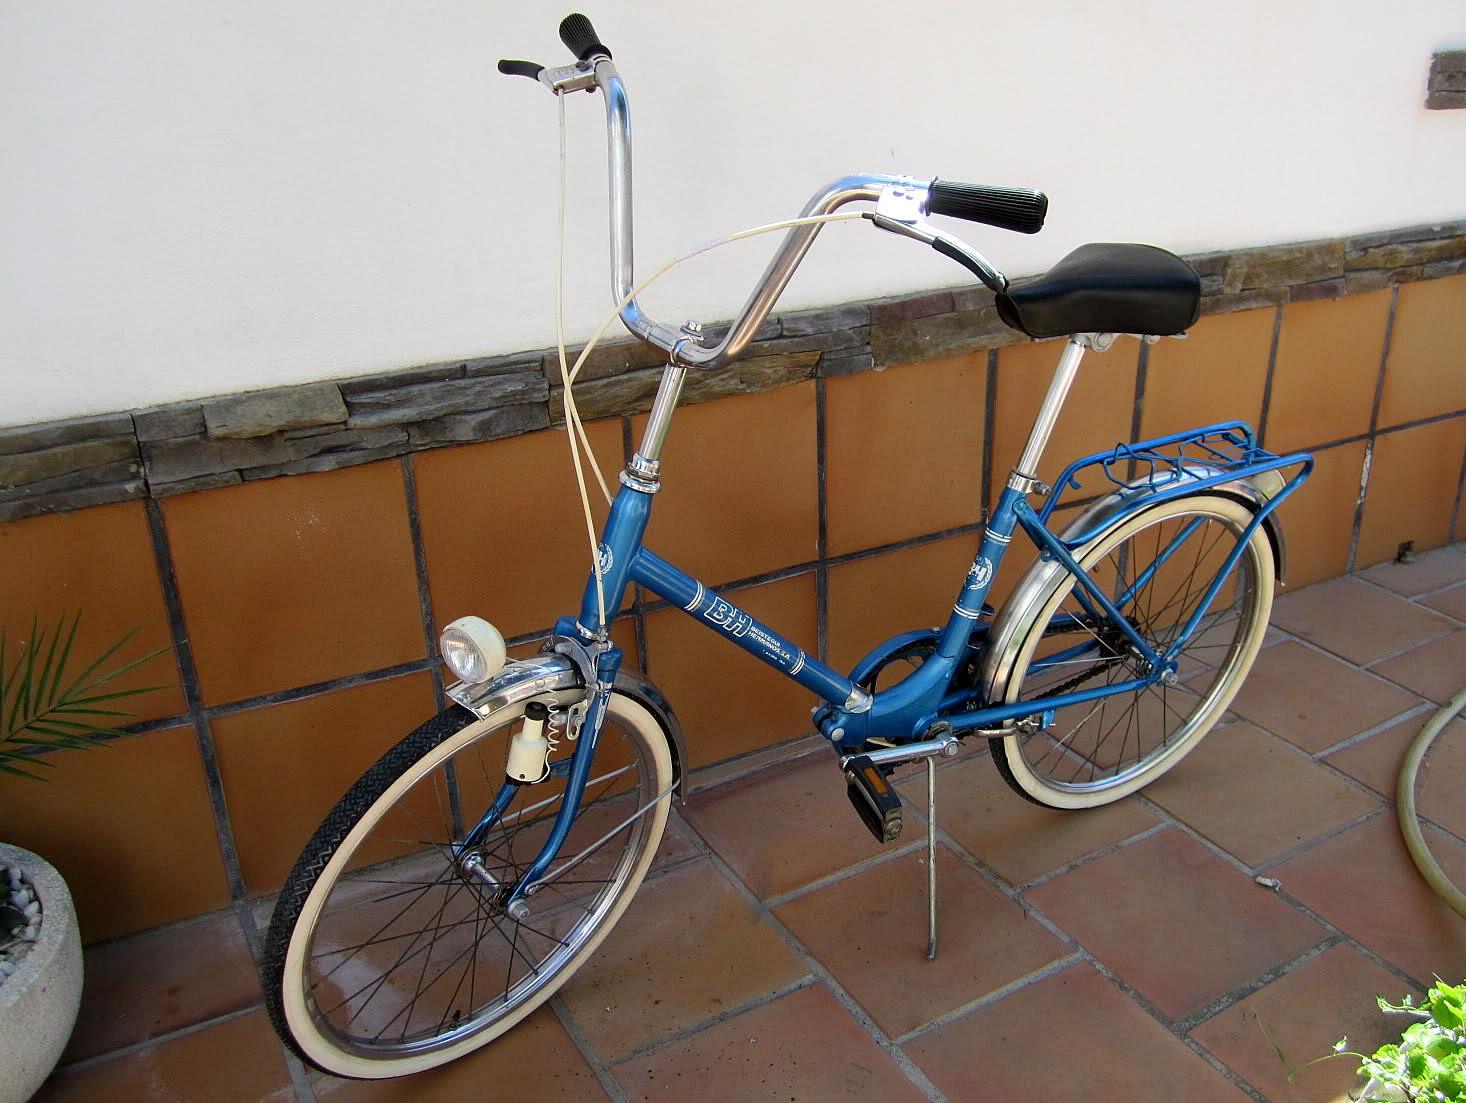 Modelos bicletas BH  (catalogo virtual) 6ophyu